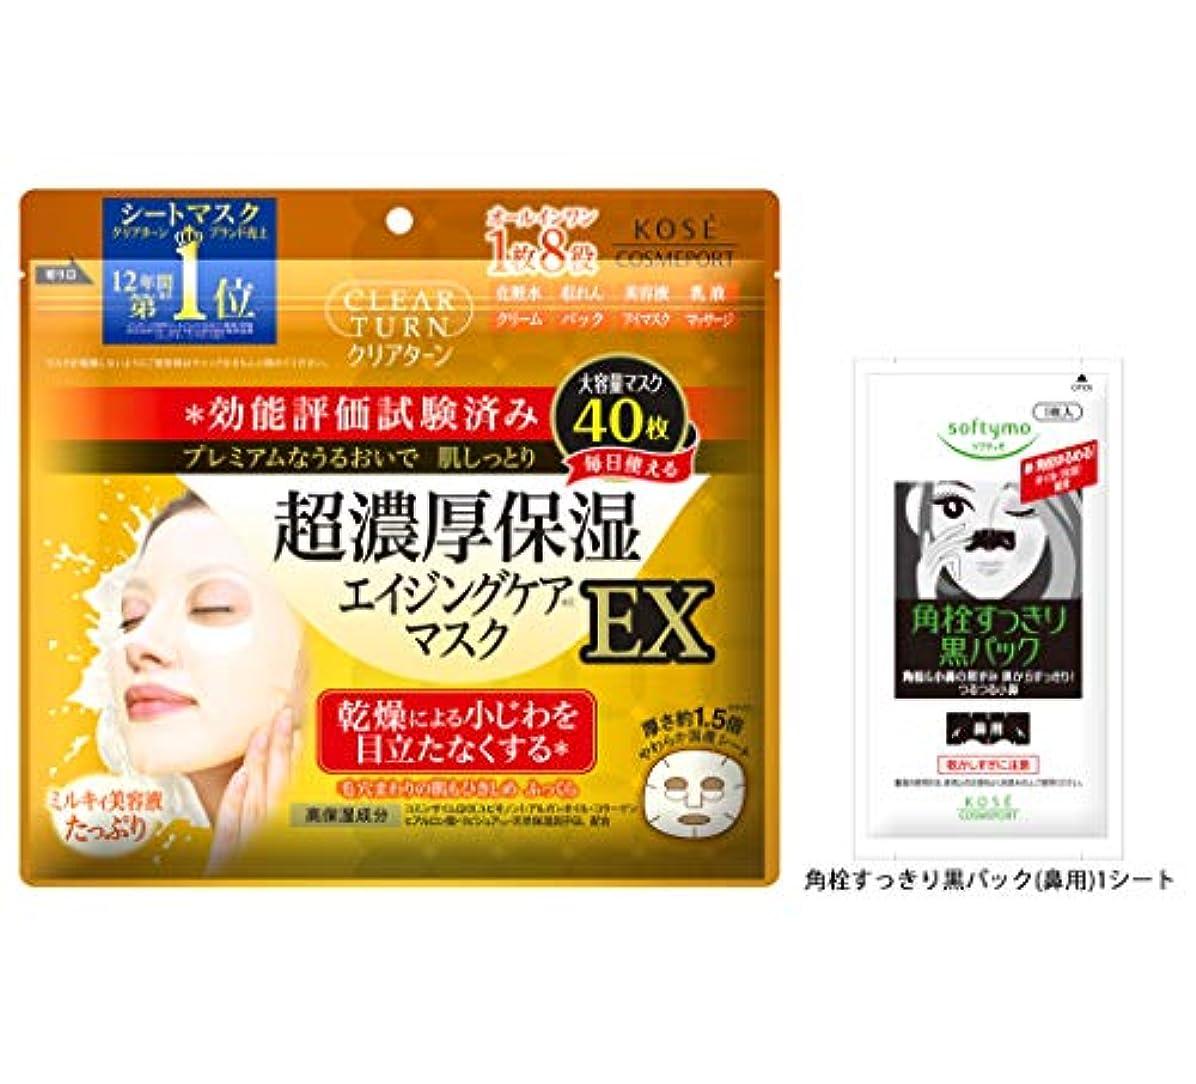 心理学一部想像力【Amazon.co.jp限定】 クリアターン 超濃厚保湿 フェイスマスク EX 40枚入 サンプル付 フェイスパック 40枚+サンプル付